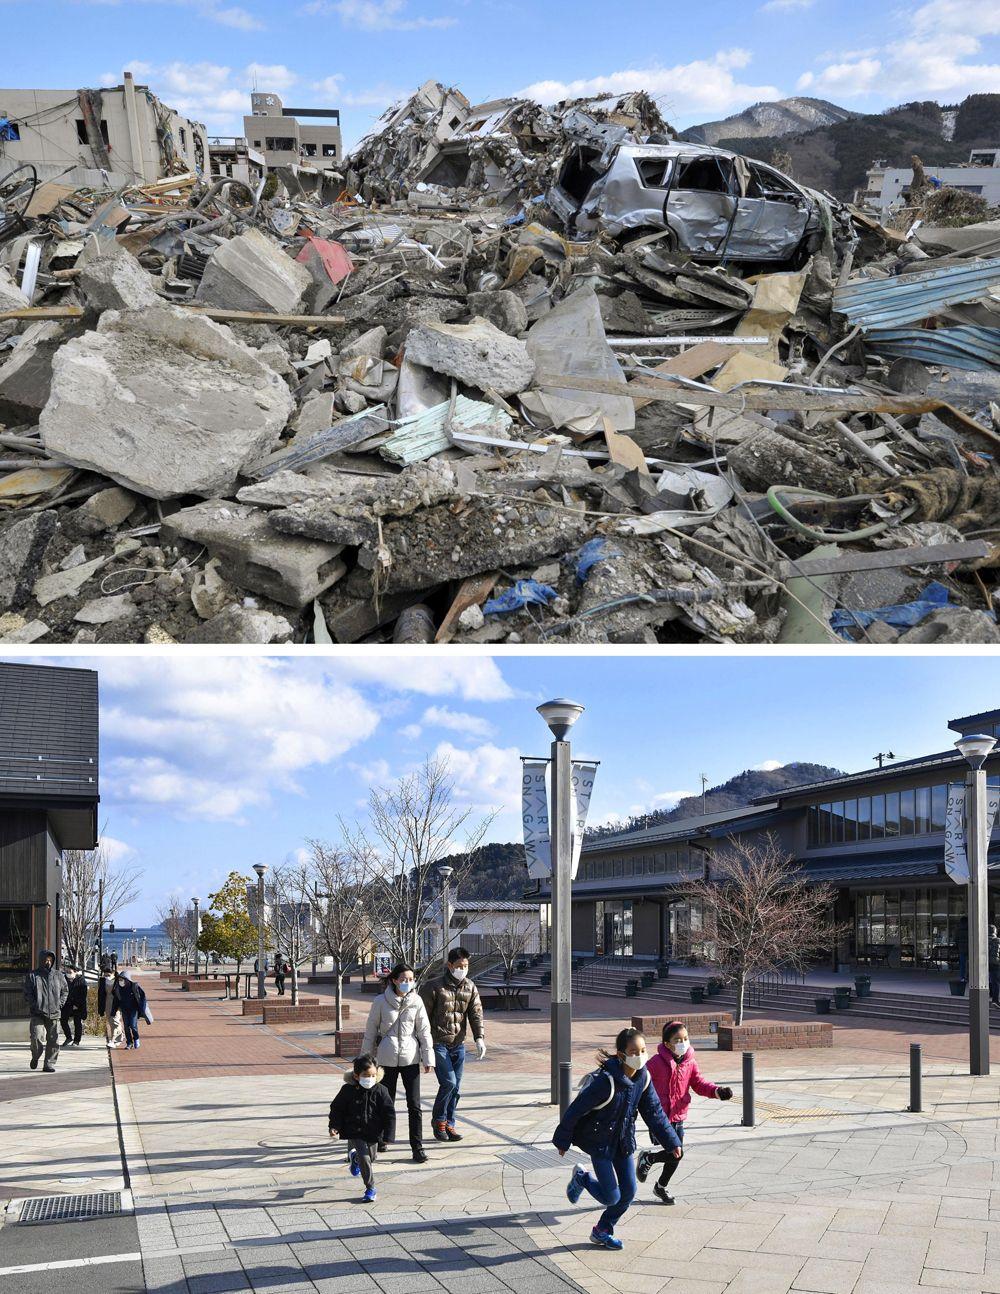 Название: Руины в городе Онагава, пострадавшем от цунами (вверху), и торговый комплекс, построенный в том же районе, на снимке 31 января 2021 года.